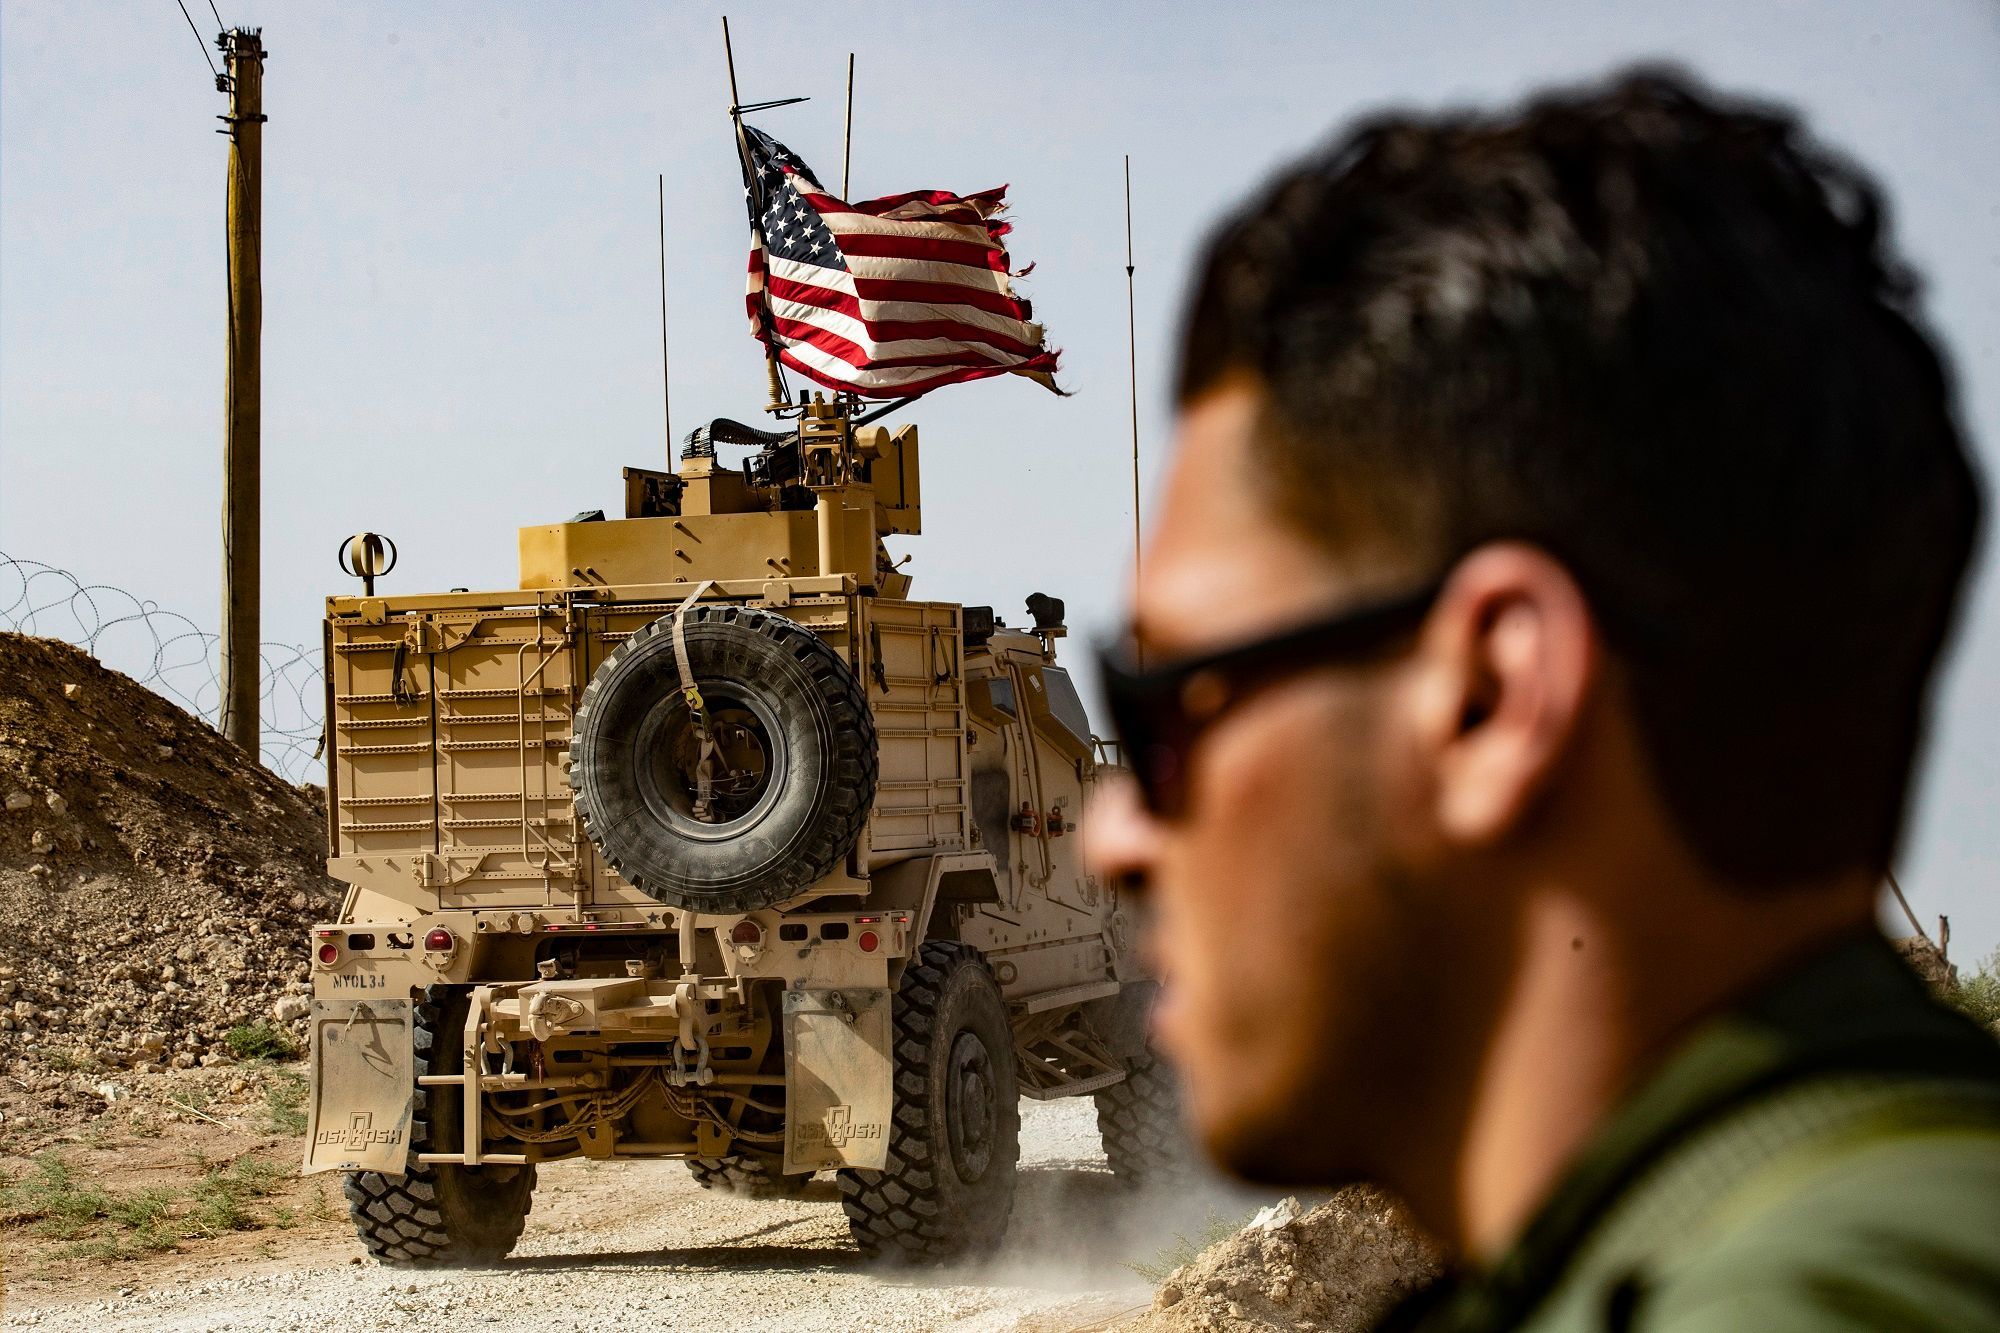 واشنطن تقلل وجودها العسكري في شمال سوريا وتركيا تريد تعويض الانسحاب الامريكي